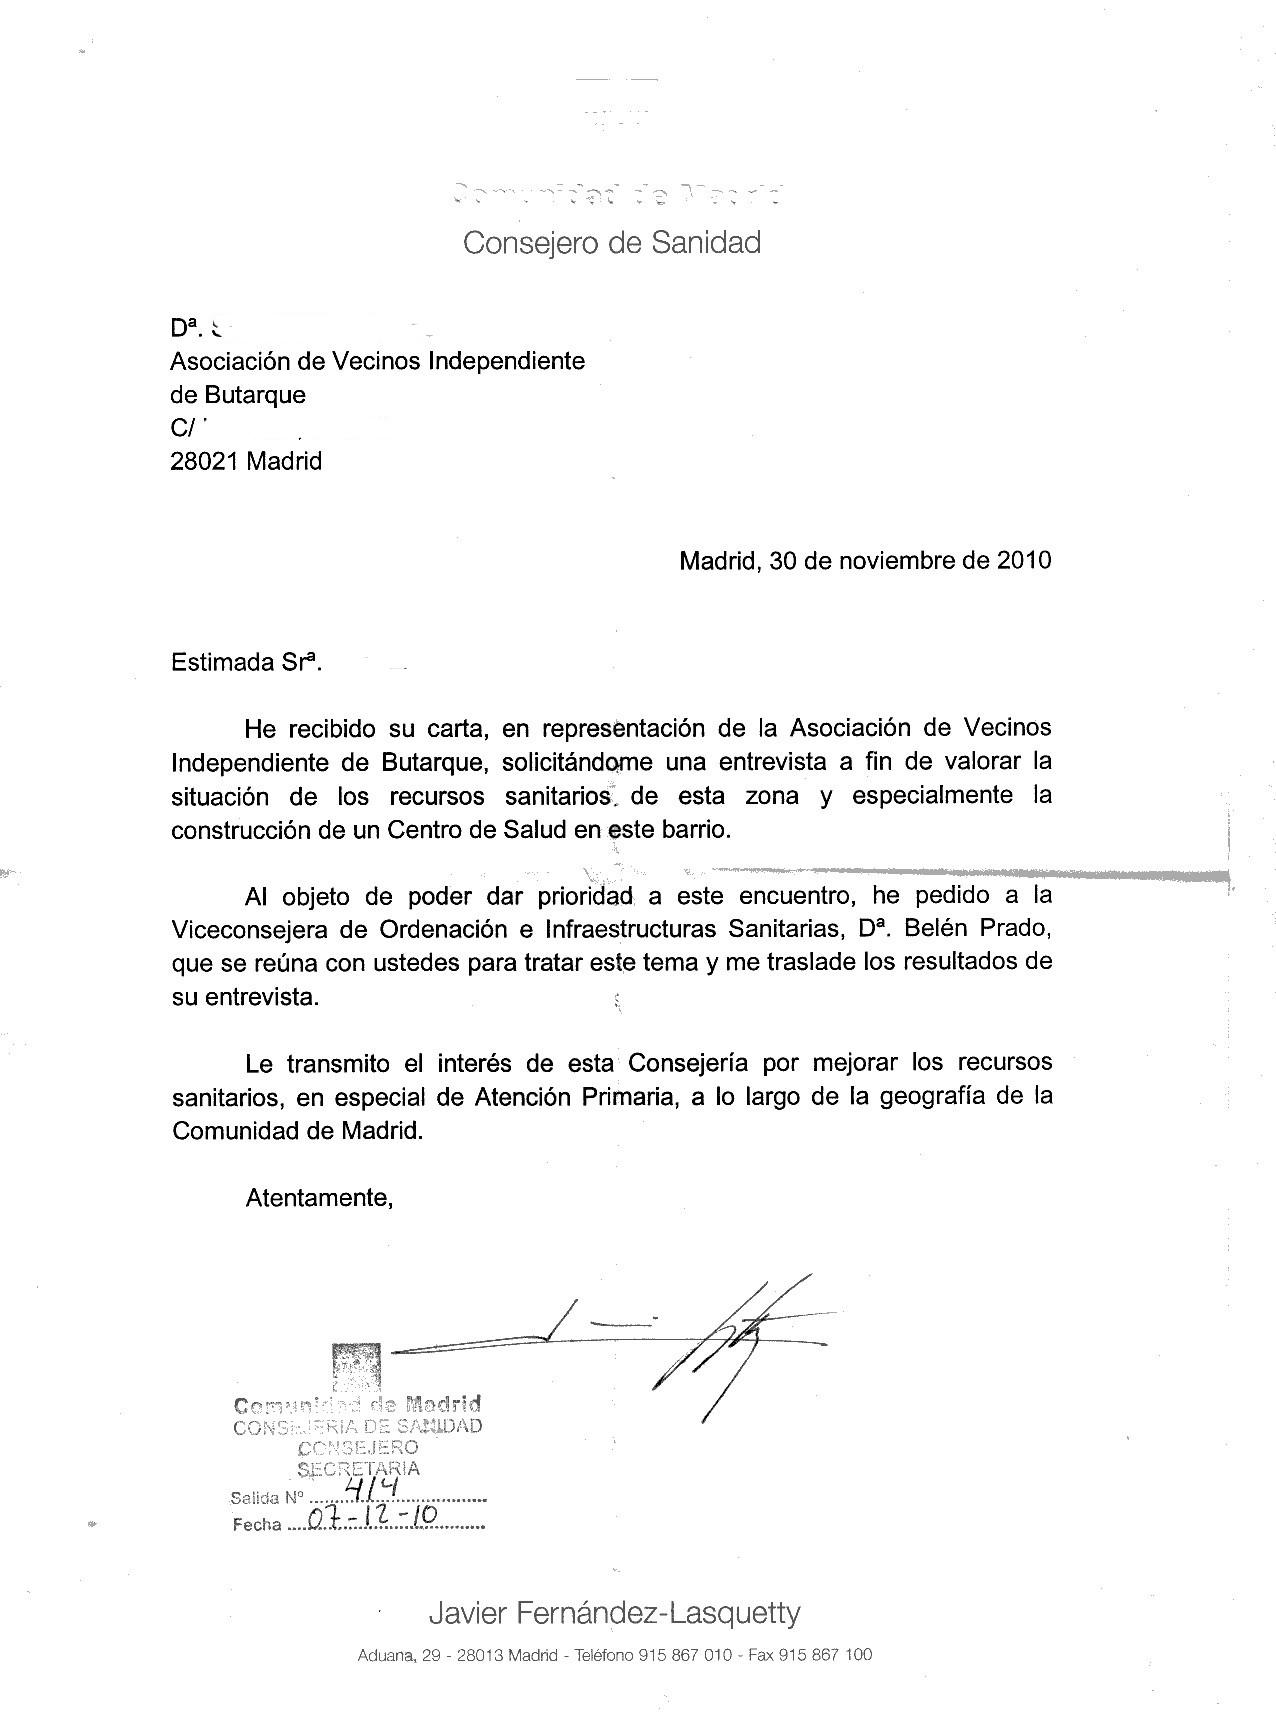 respuesta_entrevista_consejero_sanidad.jpg